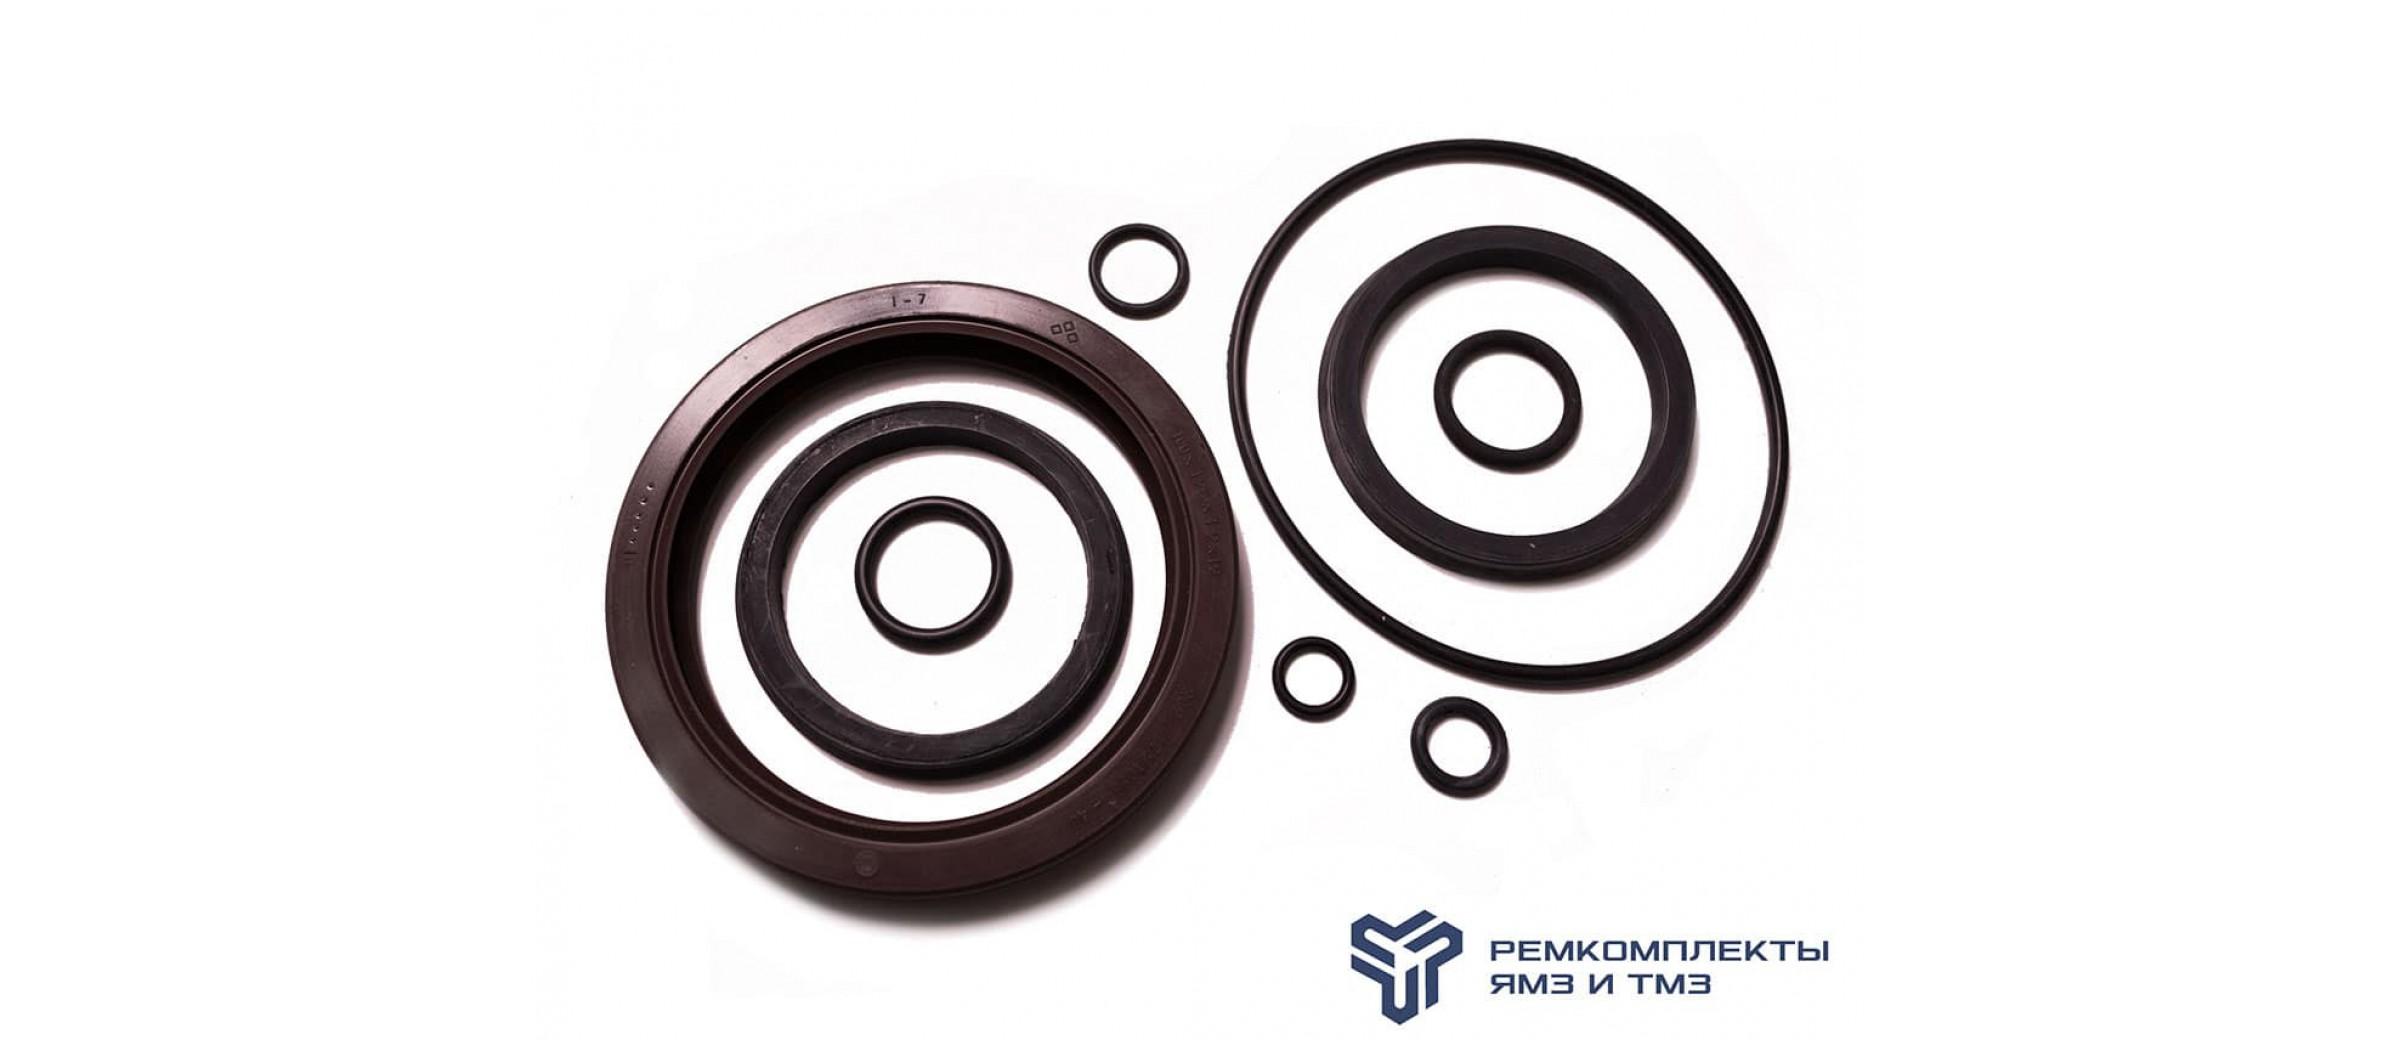 Ремкомплект РТИ демультипликатора КПП-239-01 (алюминий)